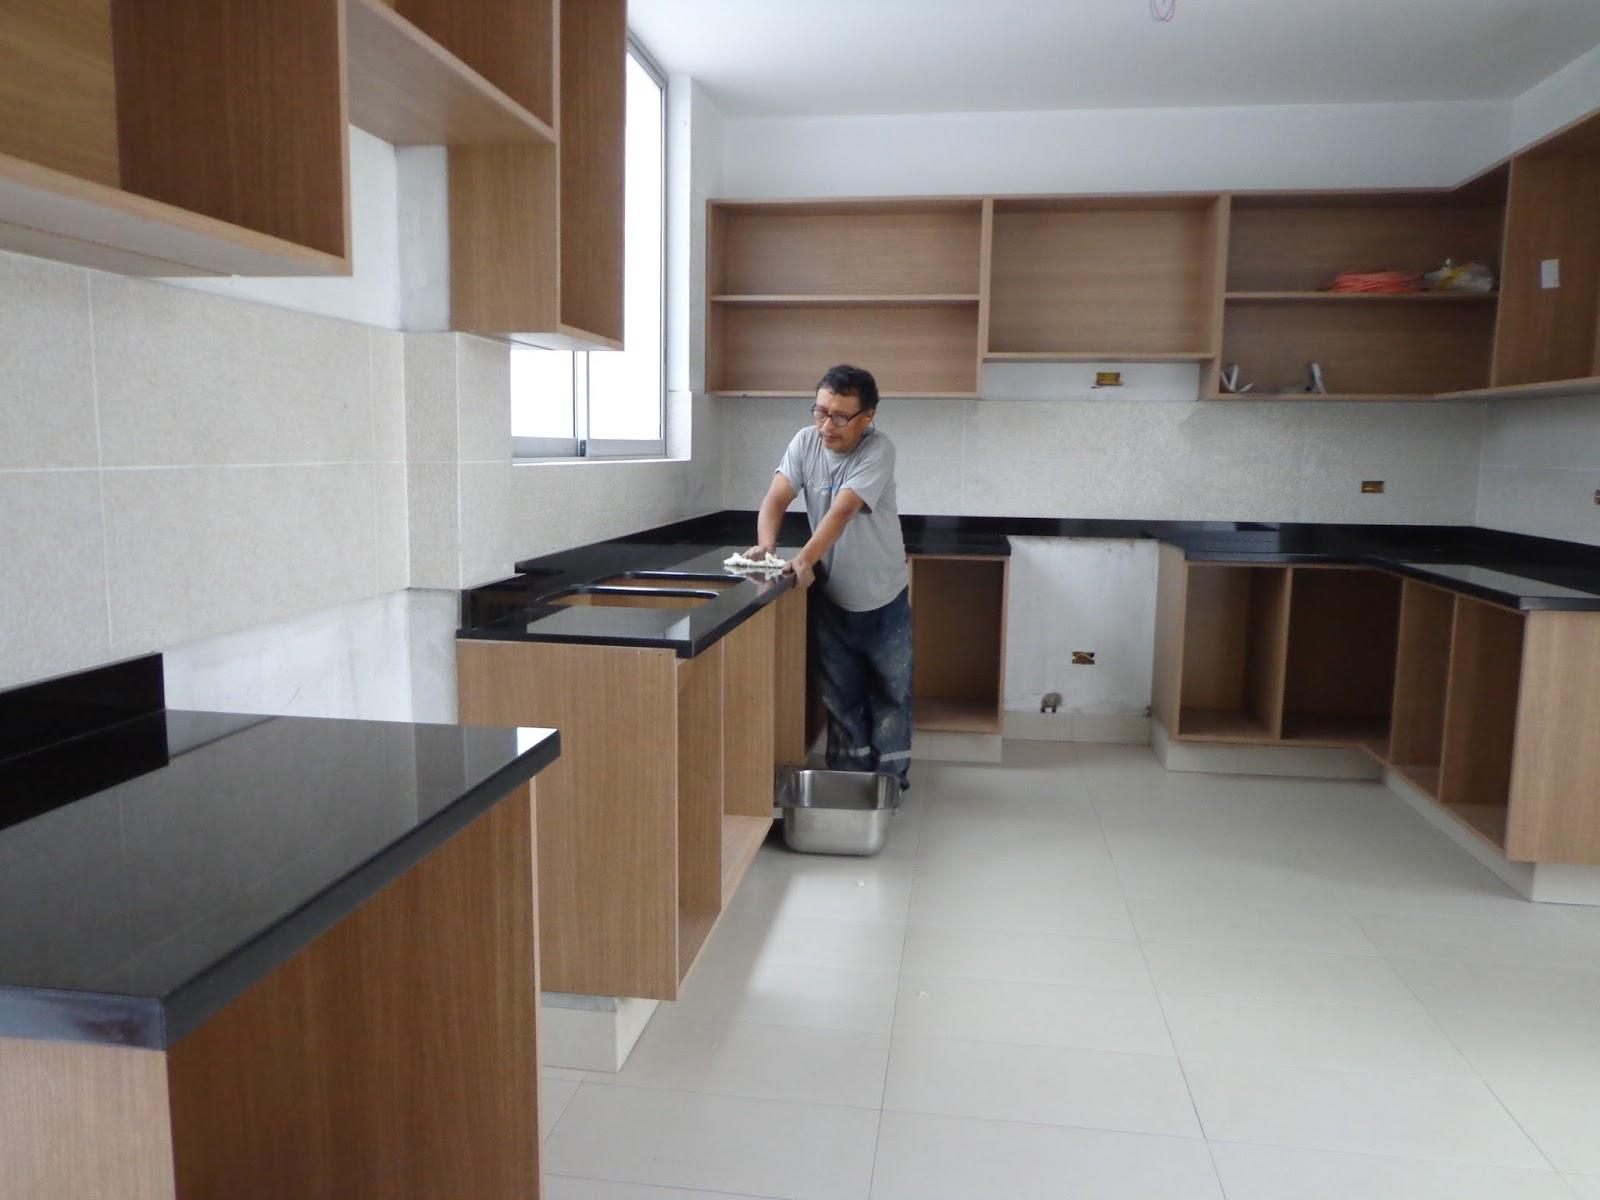 Granito o cuarzo en la encimera de su cocina granito o for Mejor material para encimeras de cocina